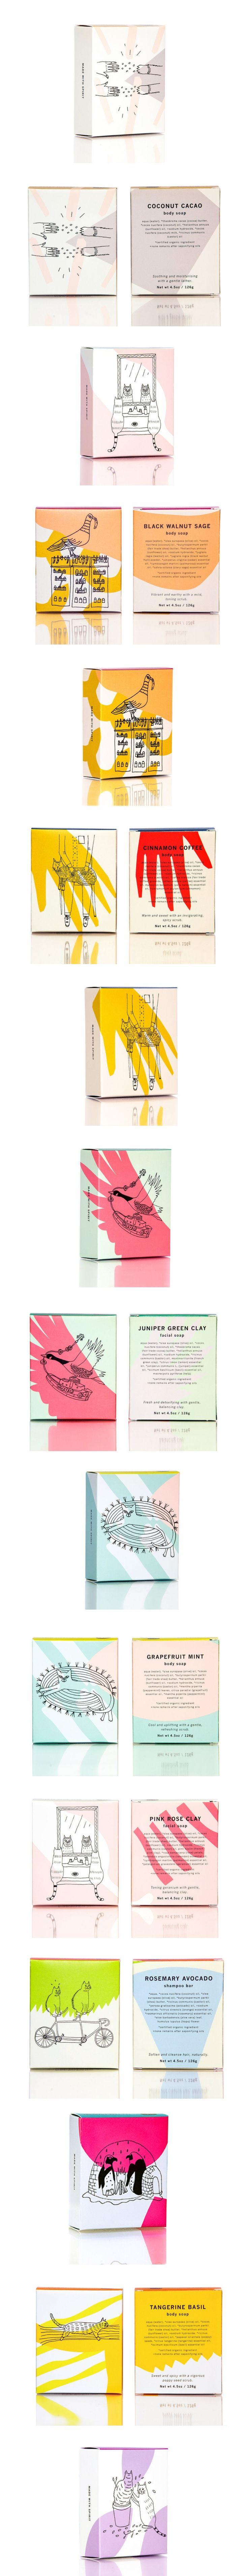 Meow Meow Tweet — The Dieline - Branding & Packaging Design